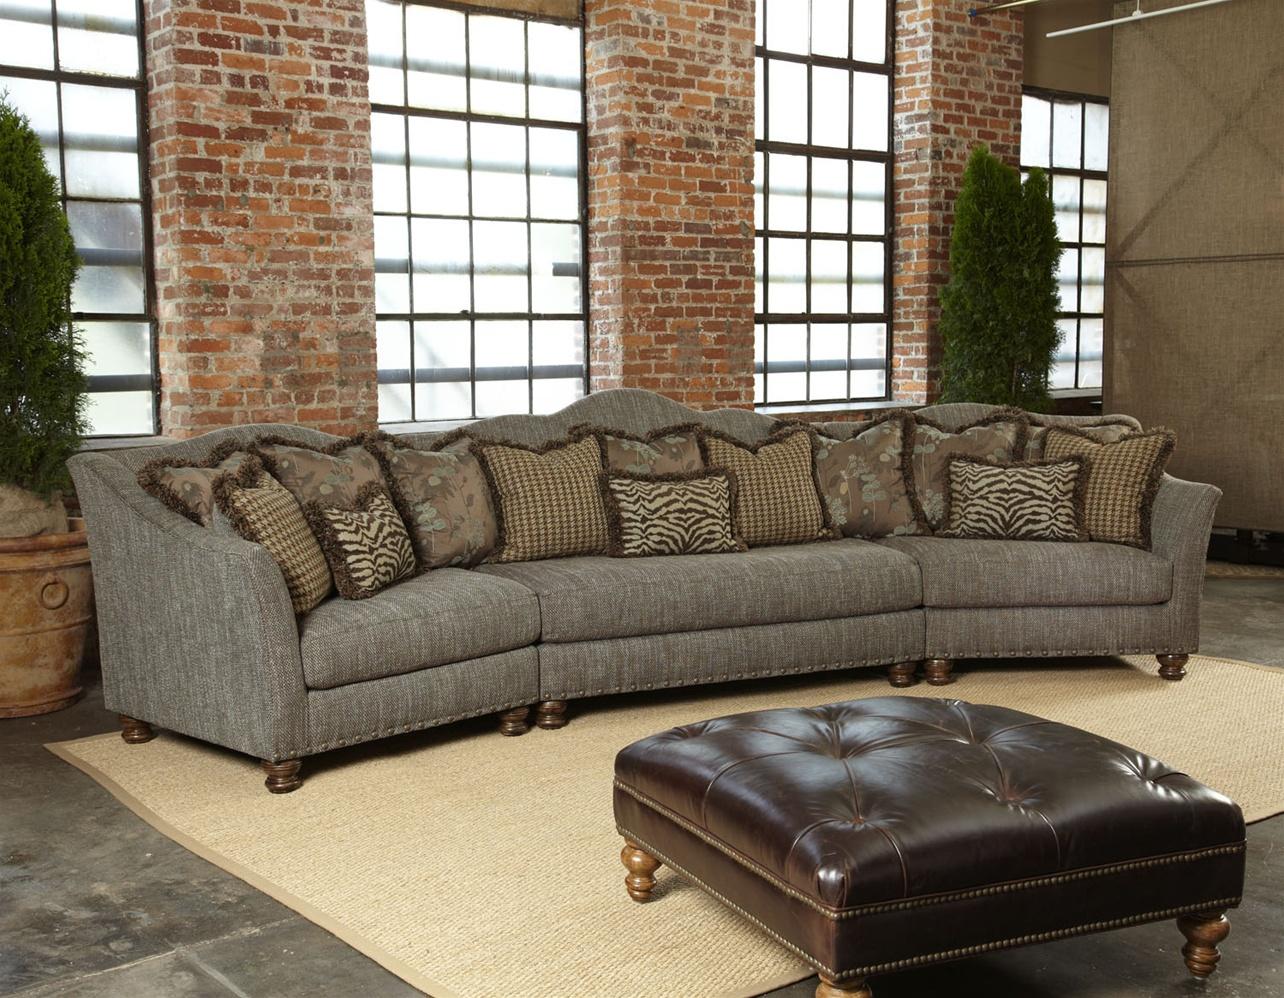 high end furniture JBQUIDA